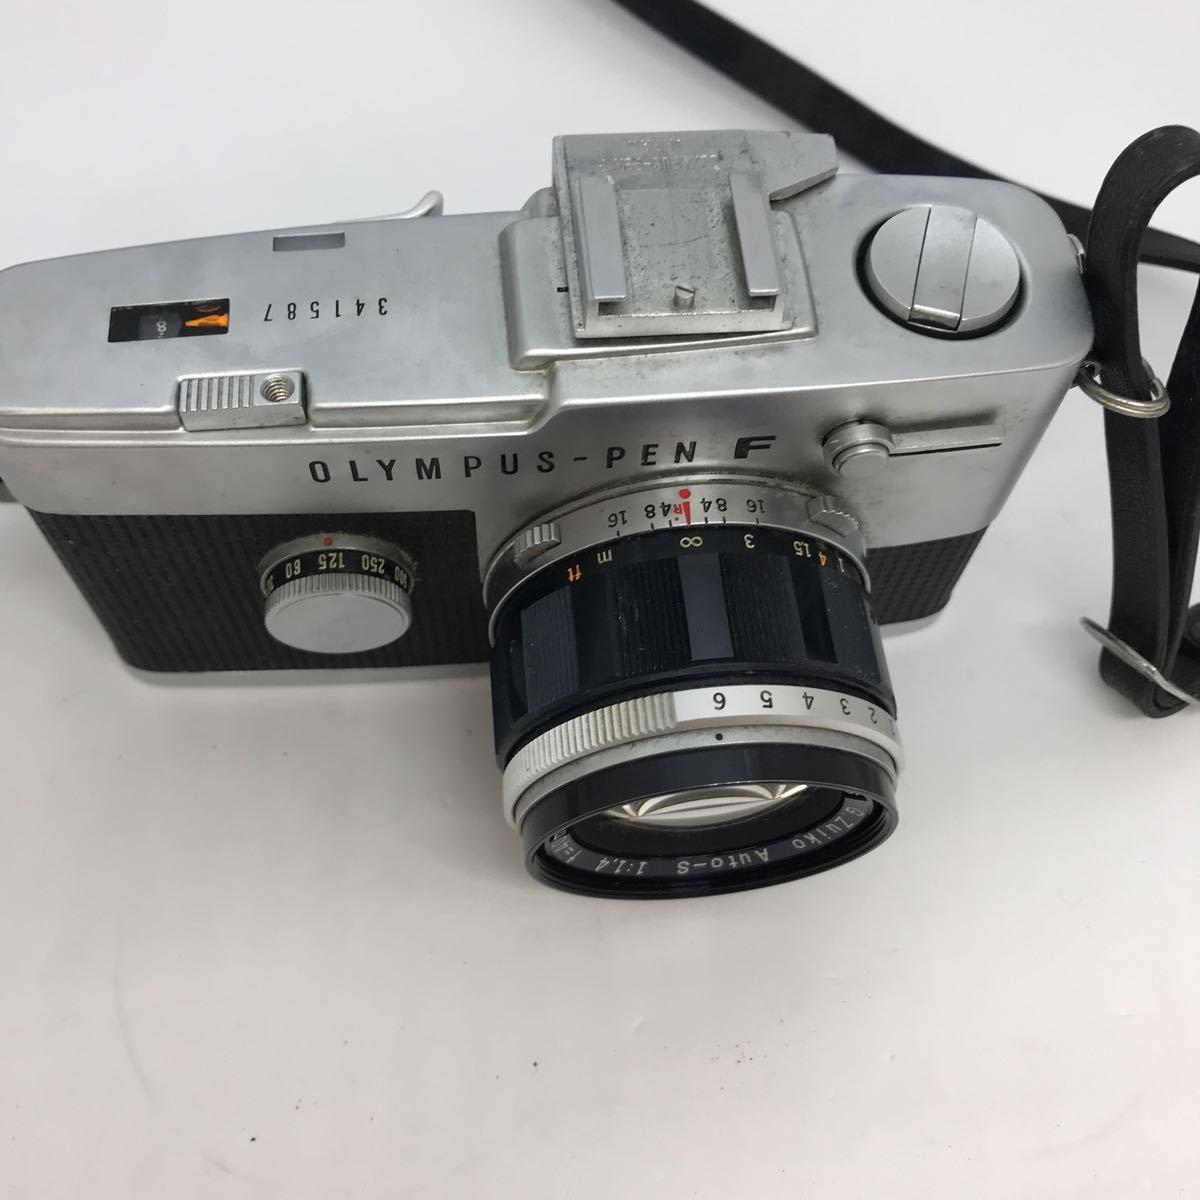 OLYMPUS オリンパス PEN F G.zuiko 1:1.4 40mm 一眼レフカメラ_画像2